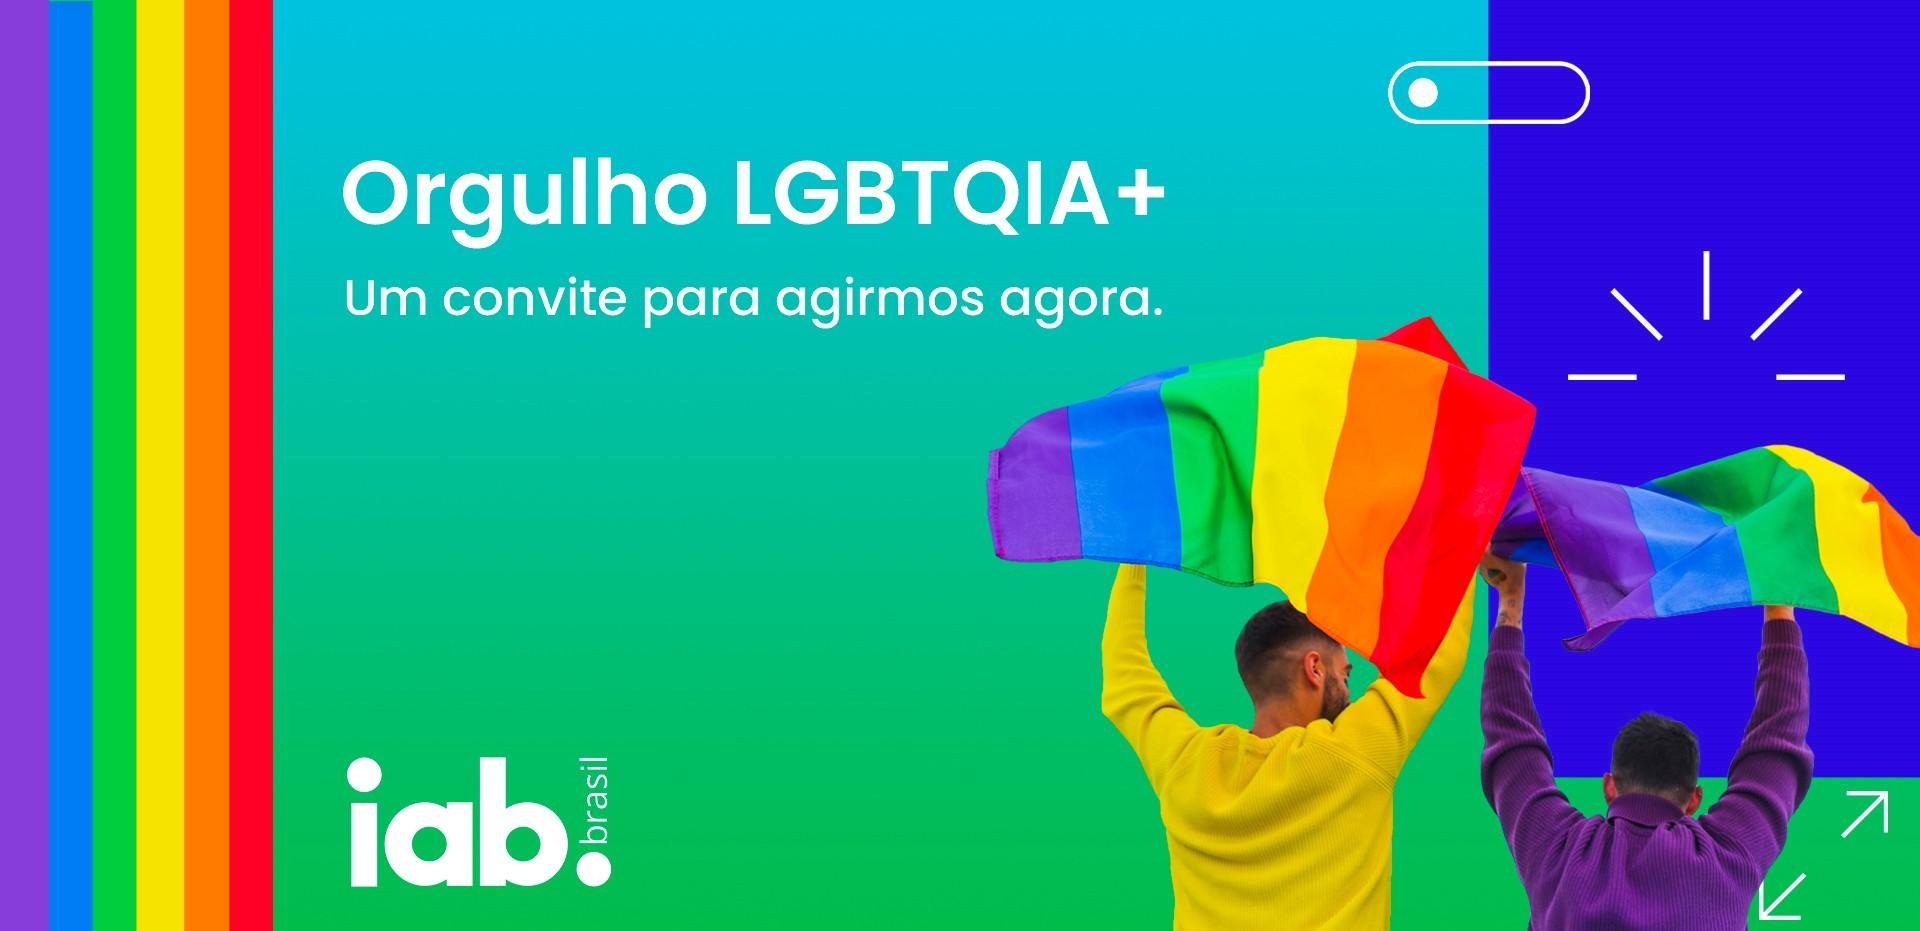 IAB Brasil lança página de conteúdo sobre mercado publicitário digital e a comunidade LGBTQIA+